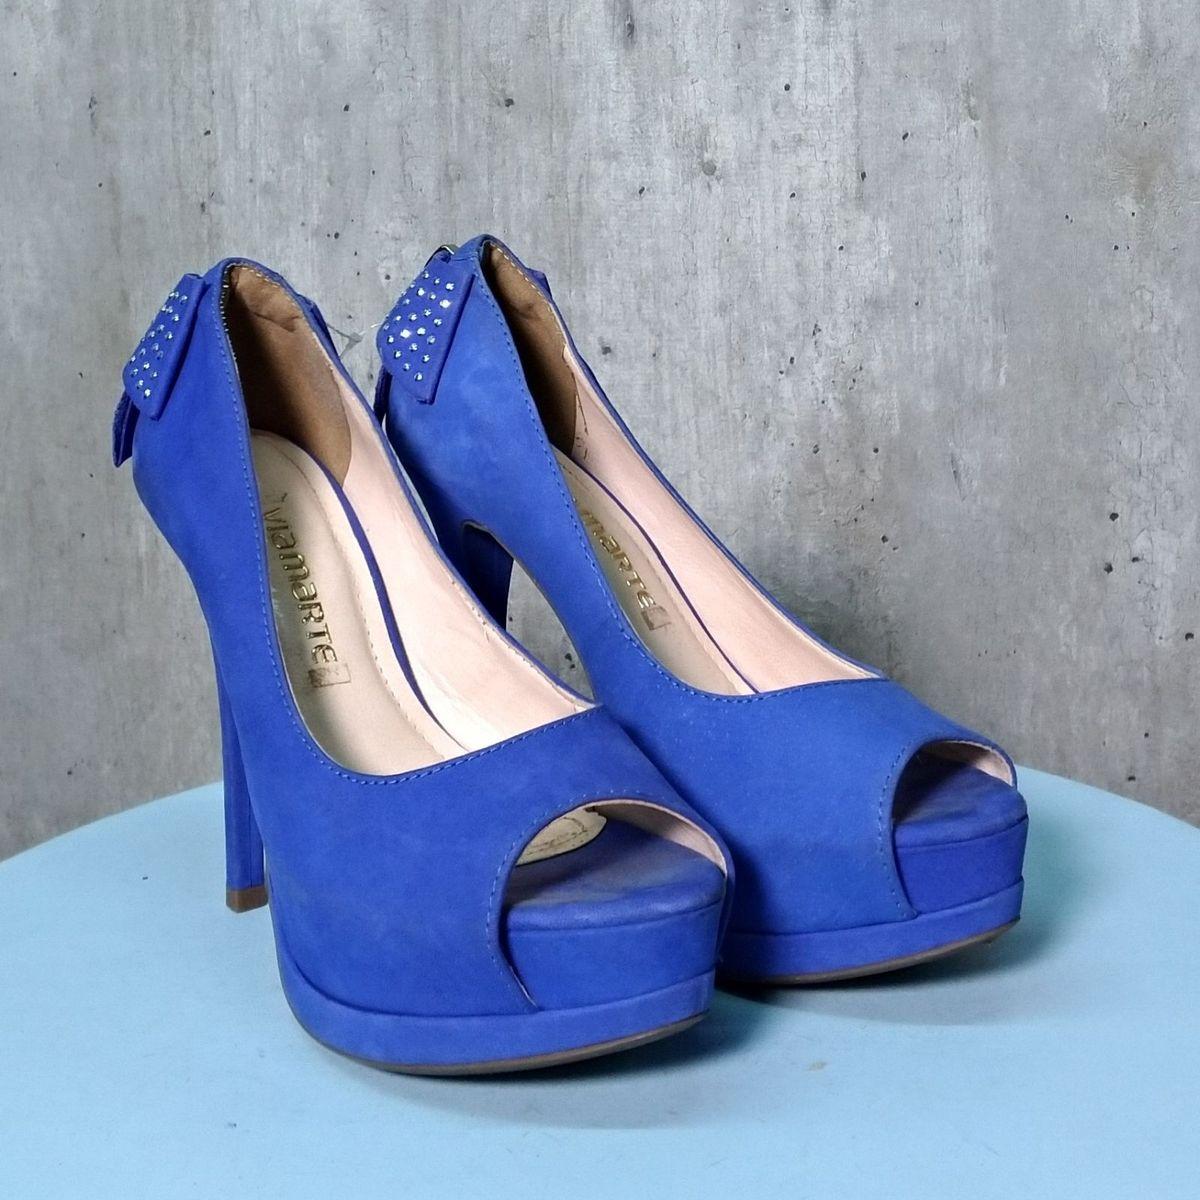 aab0f2d72 Sapato Azul Royal de Salto Alto | Sapato Feminino Viamarte Usado 28655060 |  enjoei